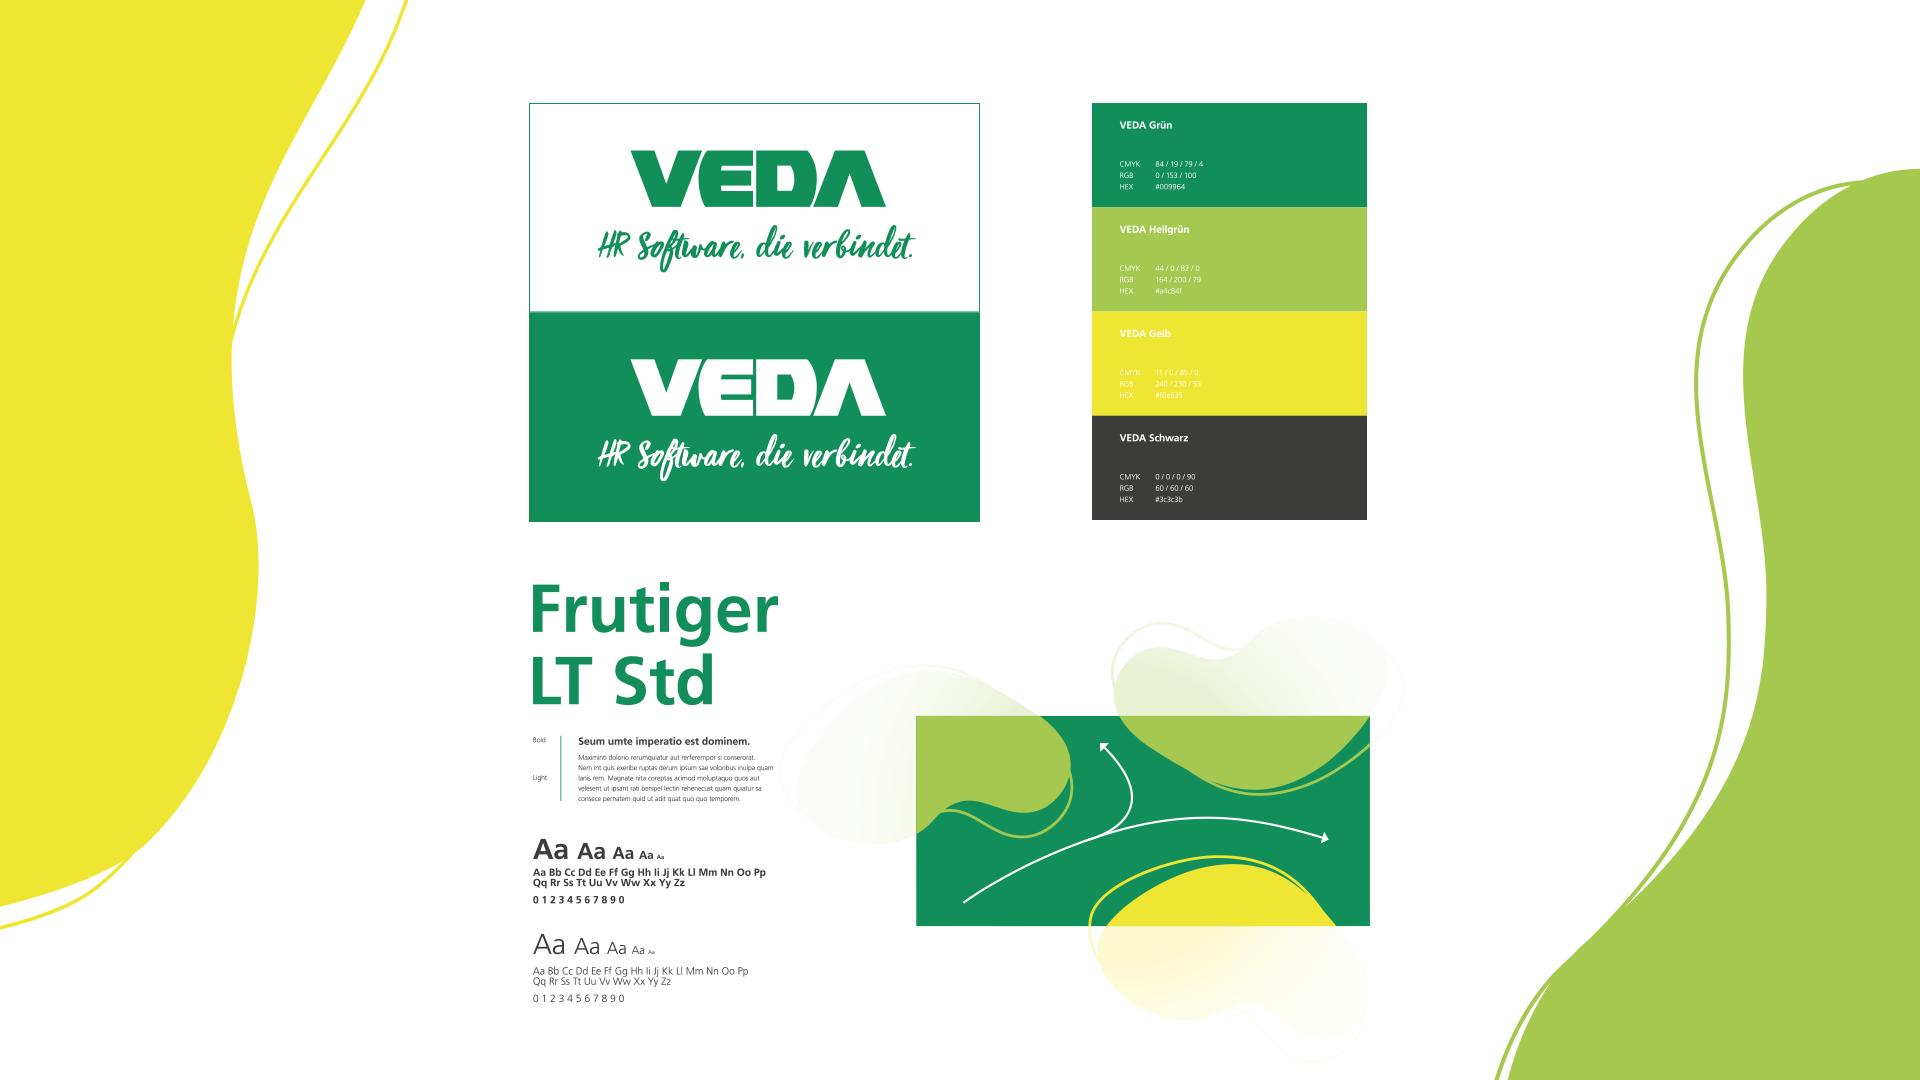 Vorderseite des VEDA Employer Branding Styleguides und einem weiteren Exemplar mit aufgeschlagenen Seiten.